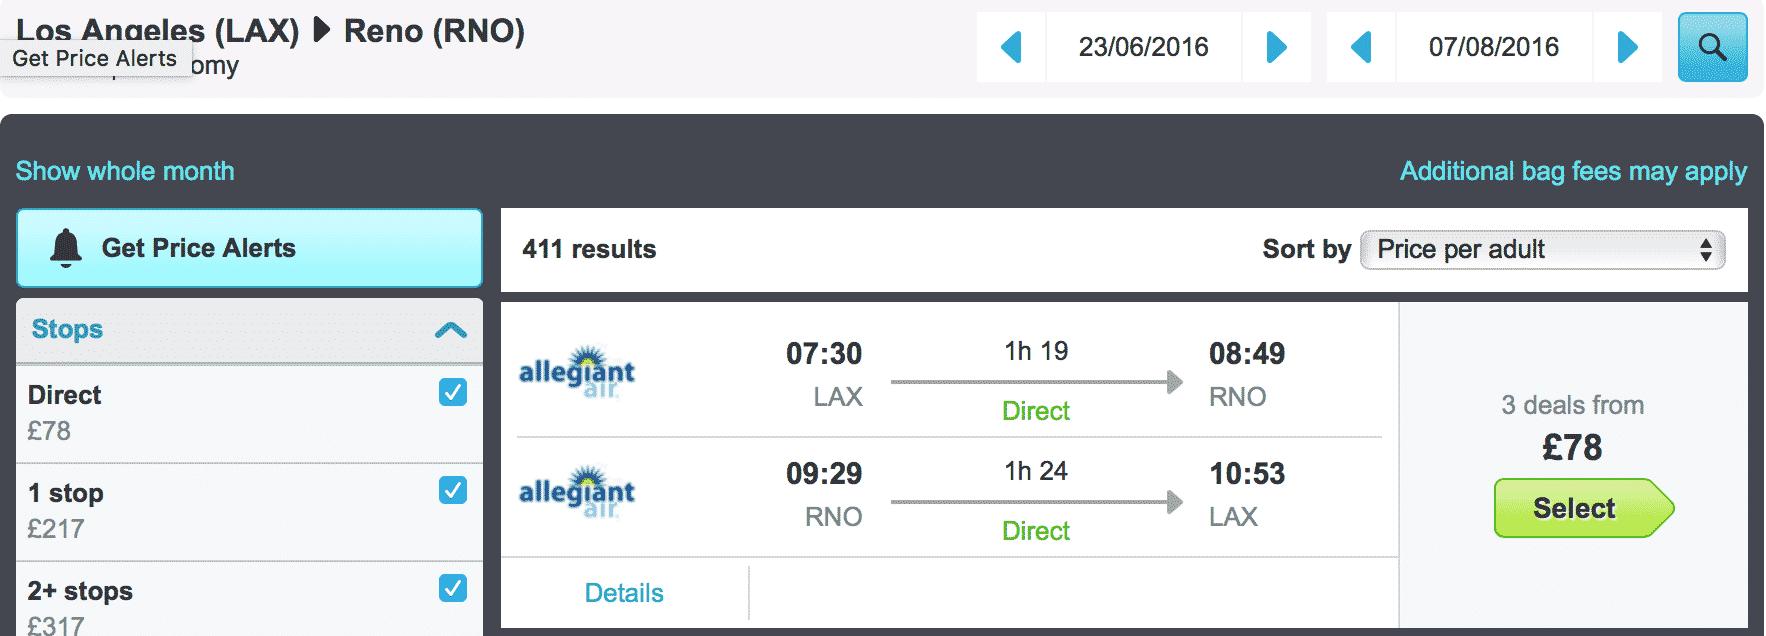 how to book an error airfare